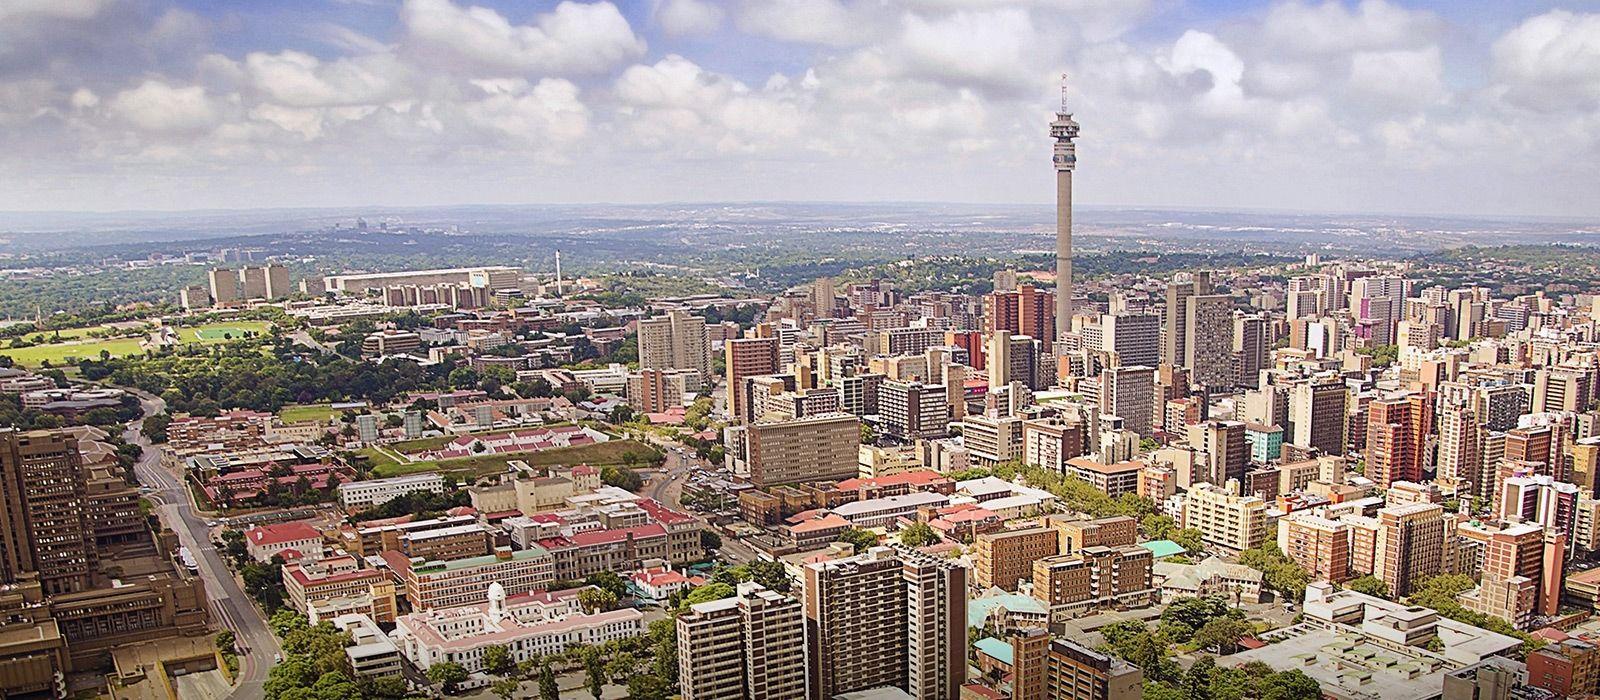 Große Rundreise im südlichen Afrika Urlaub 1